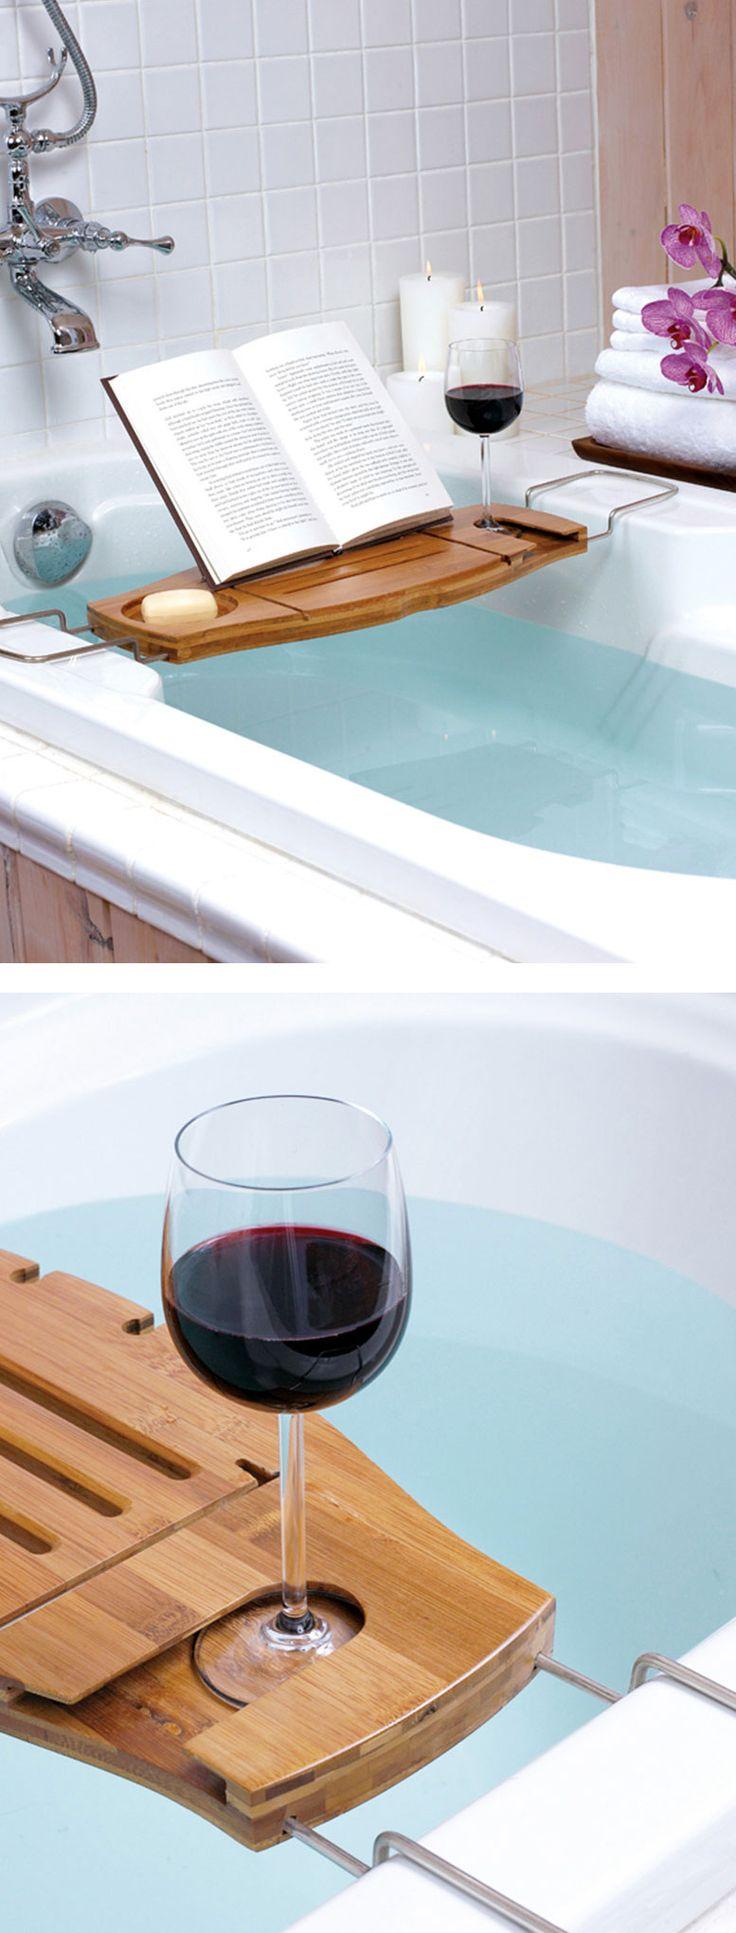 Bath tub caddy